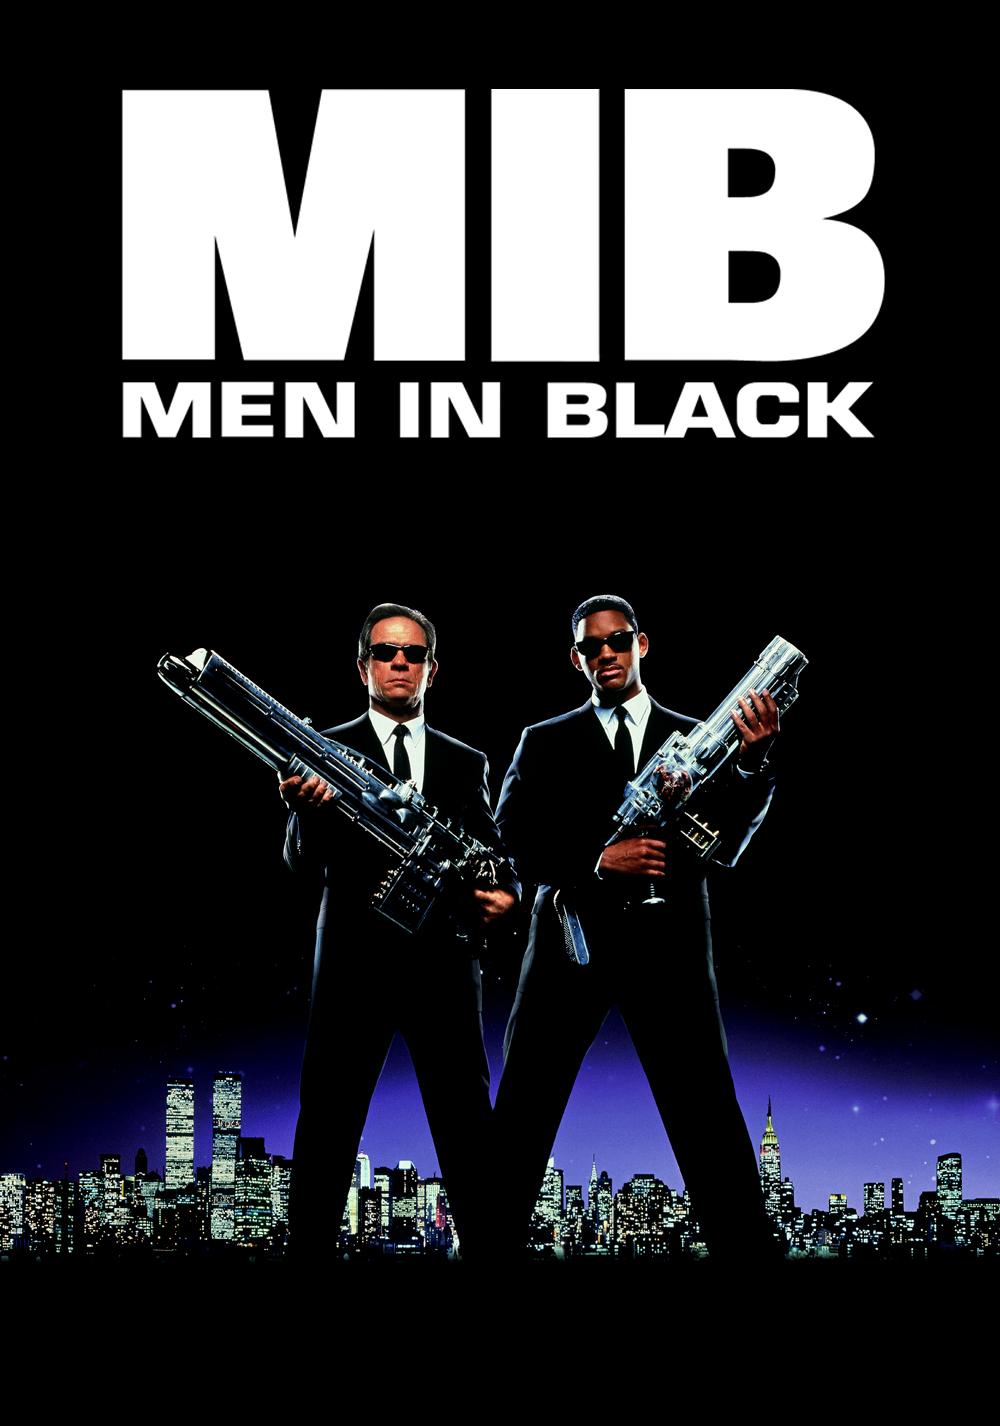 men in black movie fanart